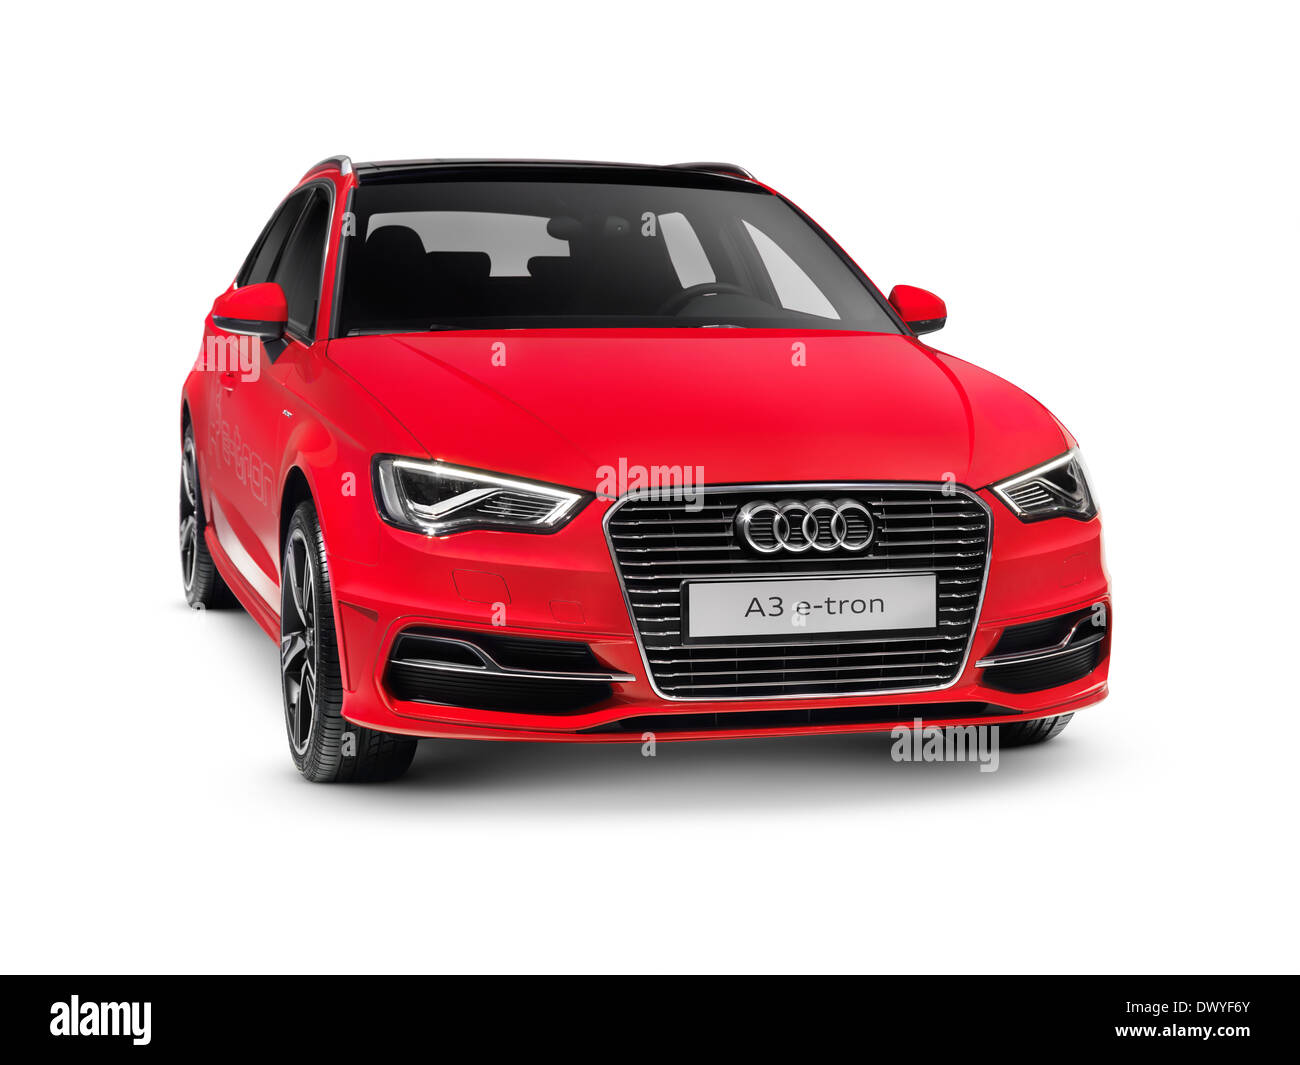 Rojo 2015 Audi A3 Sportback e-tron plug-in híbrido de coches. Aislado sobre fondo blanco con trazado de recorte. Imagen De Stock